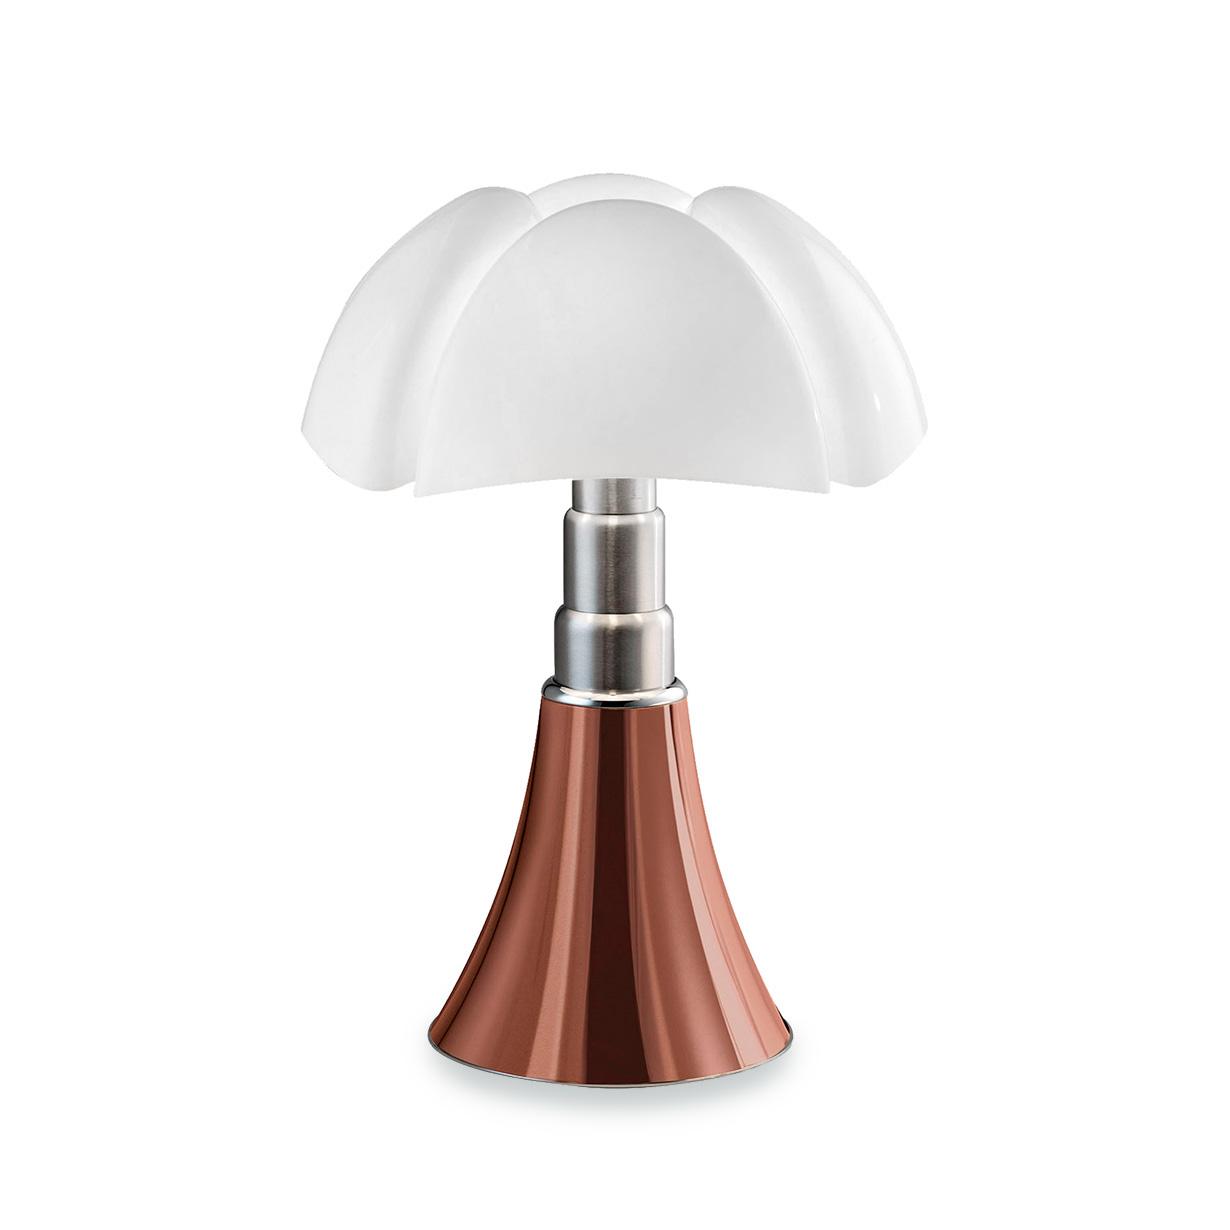 Avec Intégrée Lampe Pipistrello De Dimmerable Table Led 0O8nwkPX